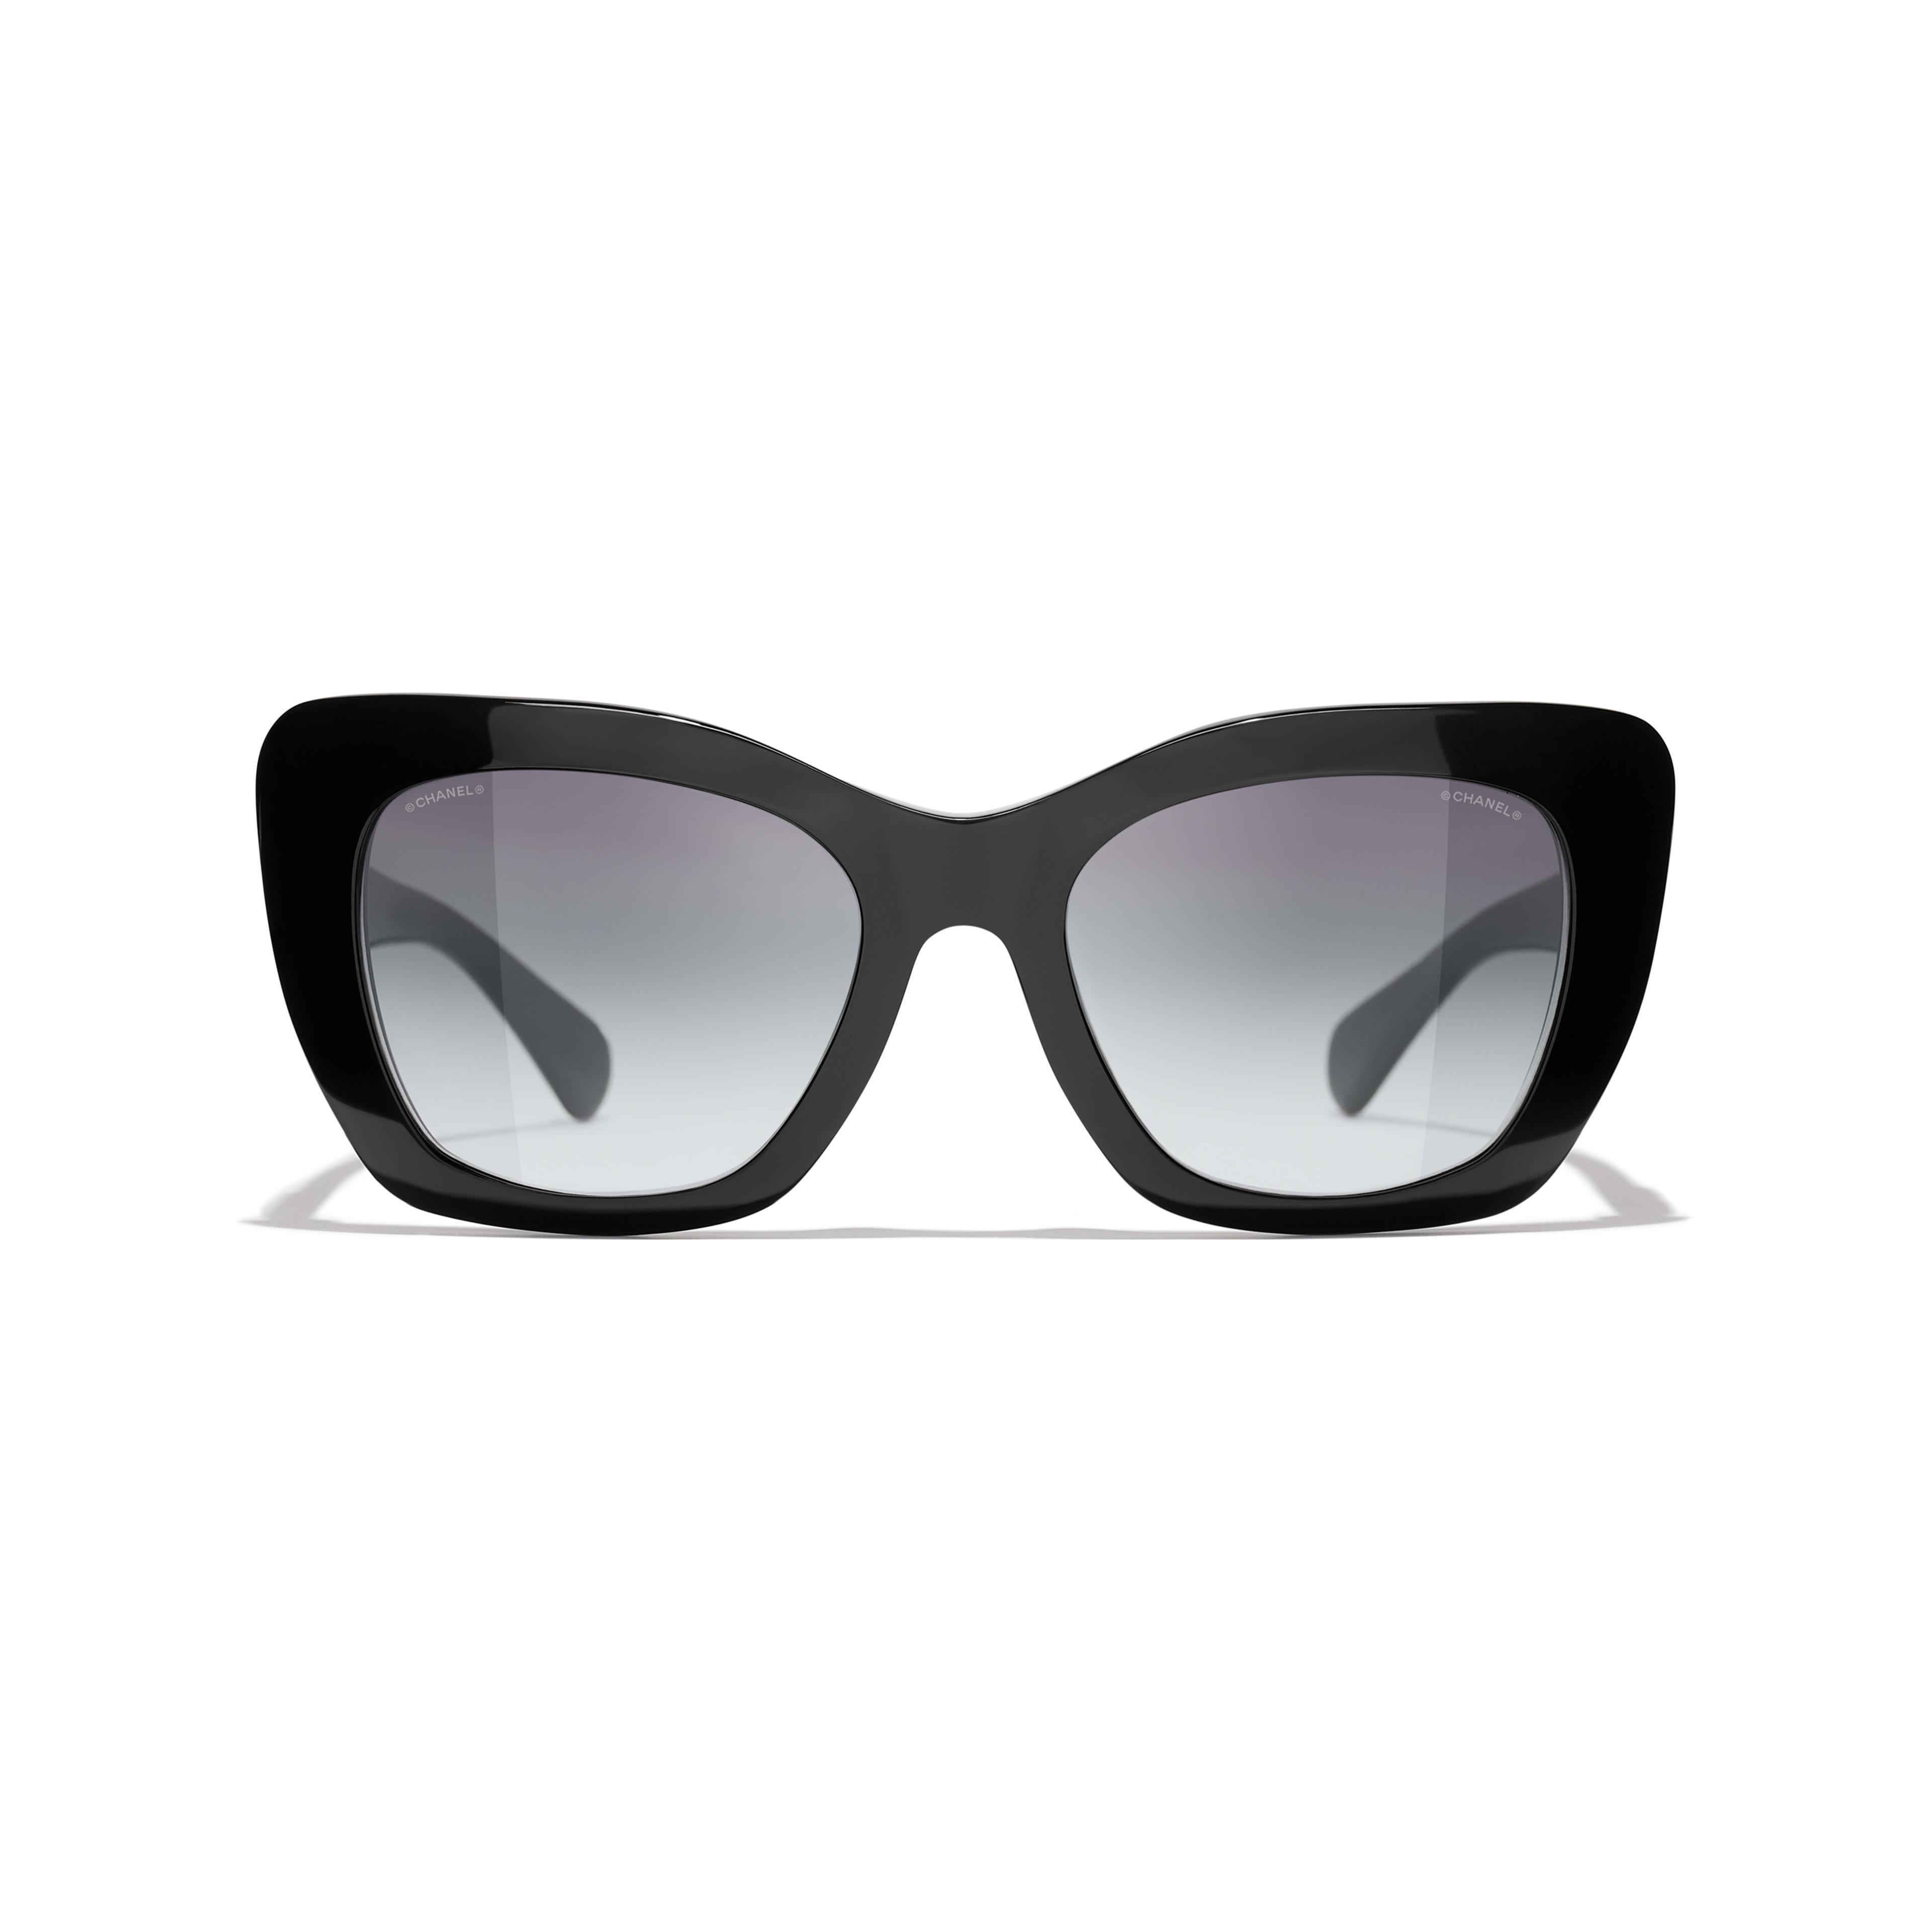 Lunettes œil de chat - Noir - Acétate - CHANEL - Vue alternative - voir la version taille standard